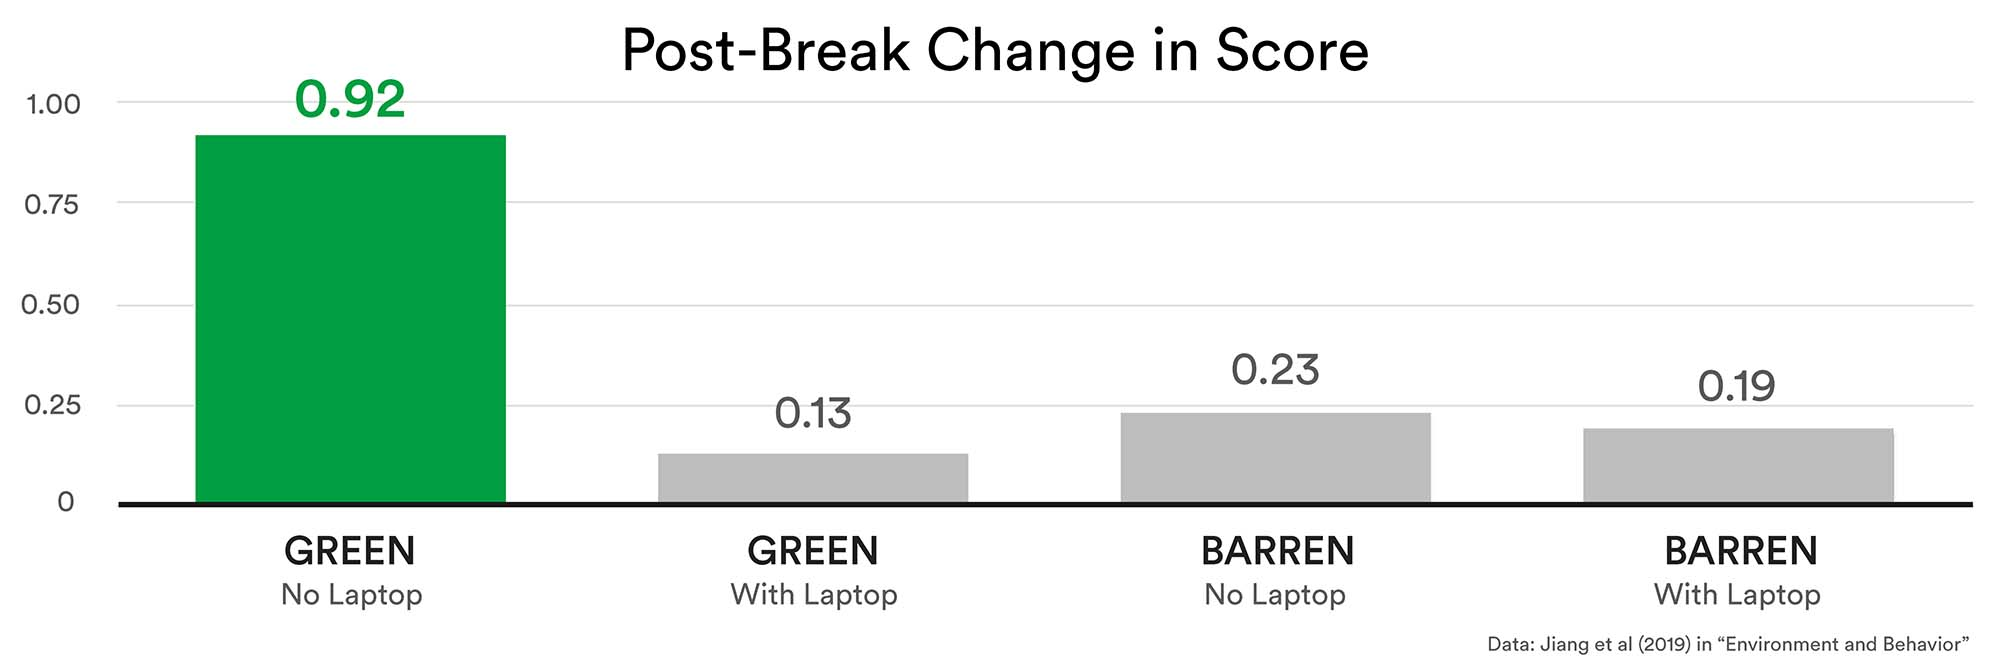 Chart showing the post-break change in score